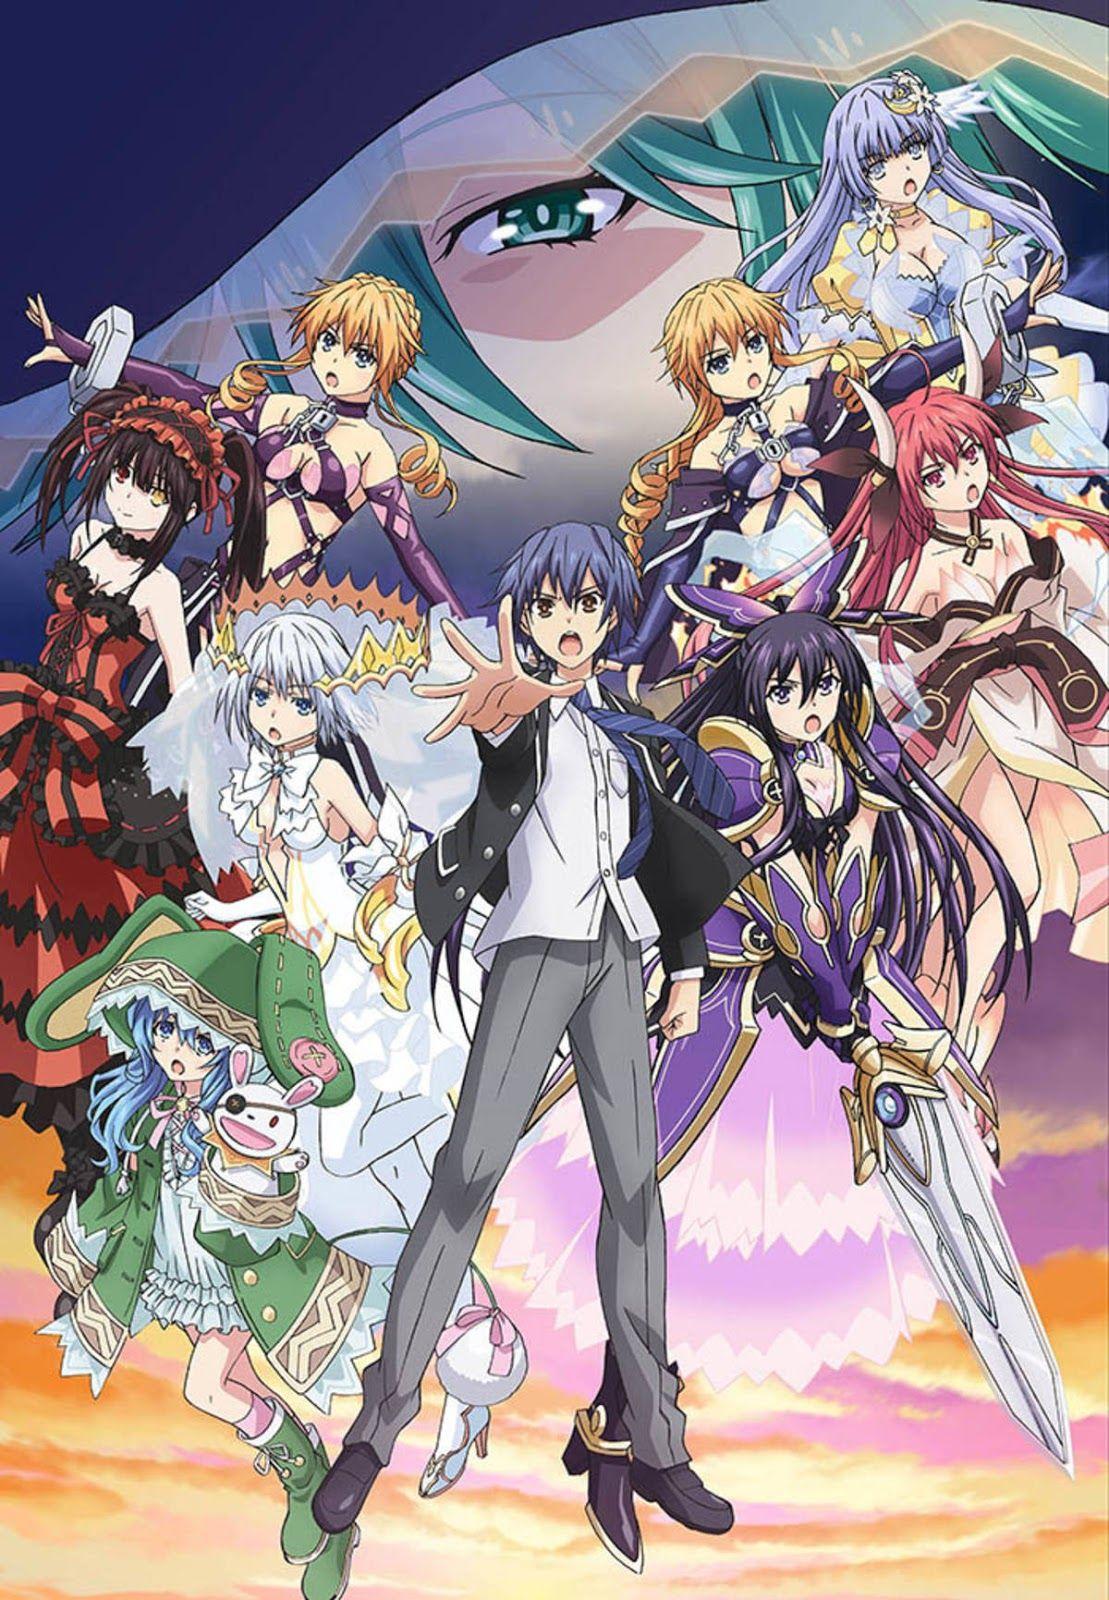 Ghim của Nam dreams trên Tin tức Anime Anime, Light